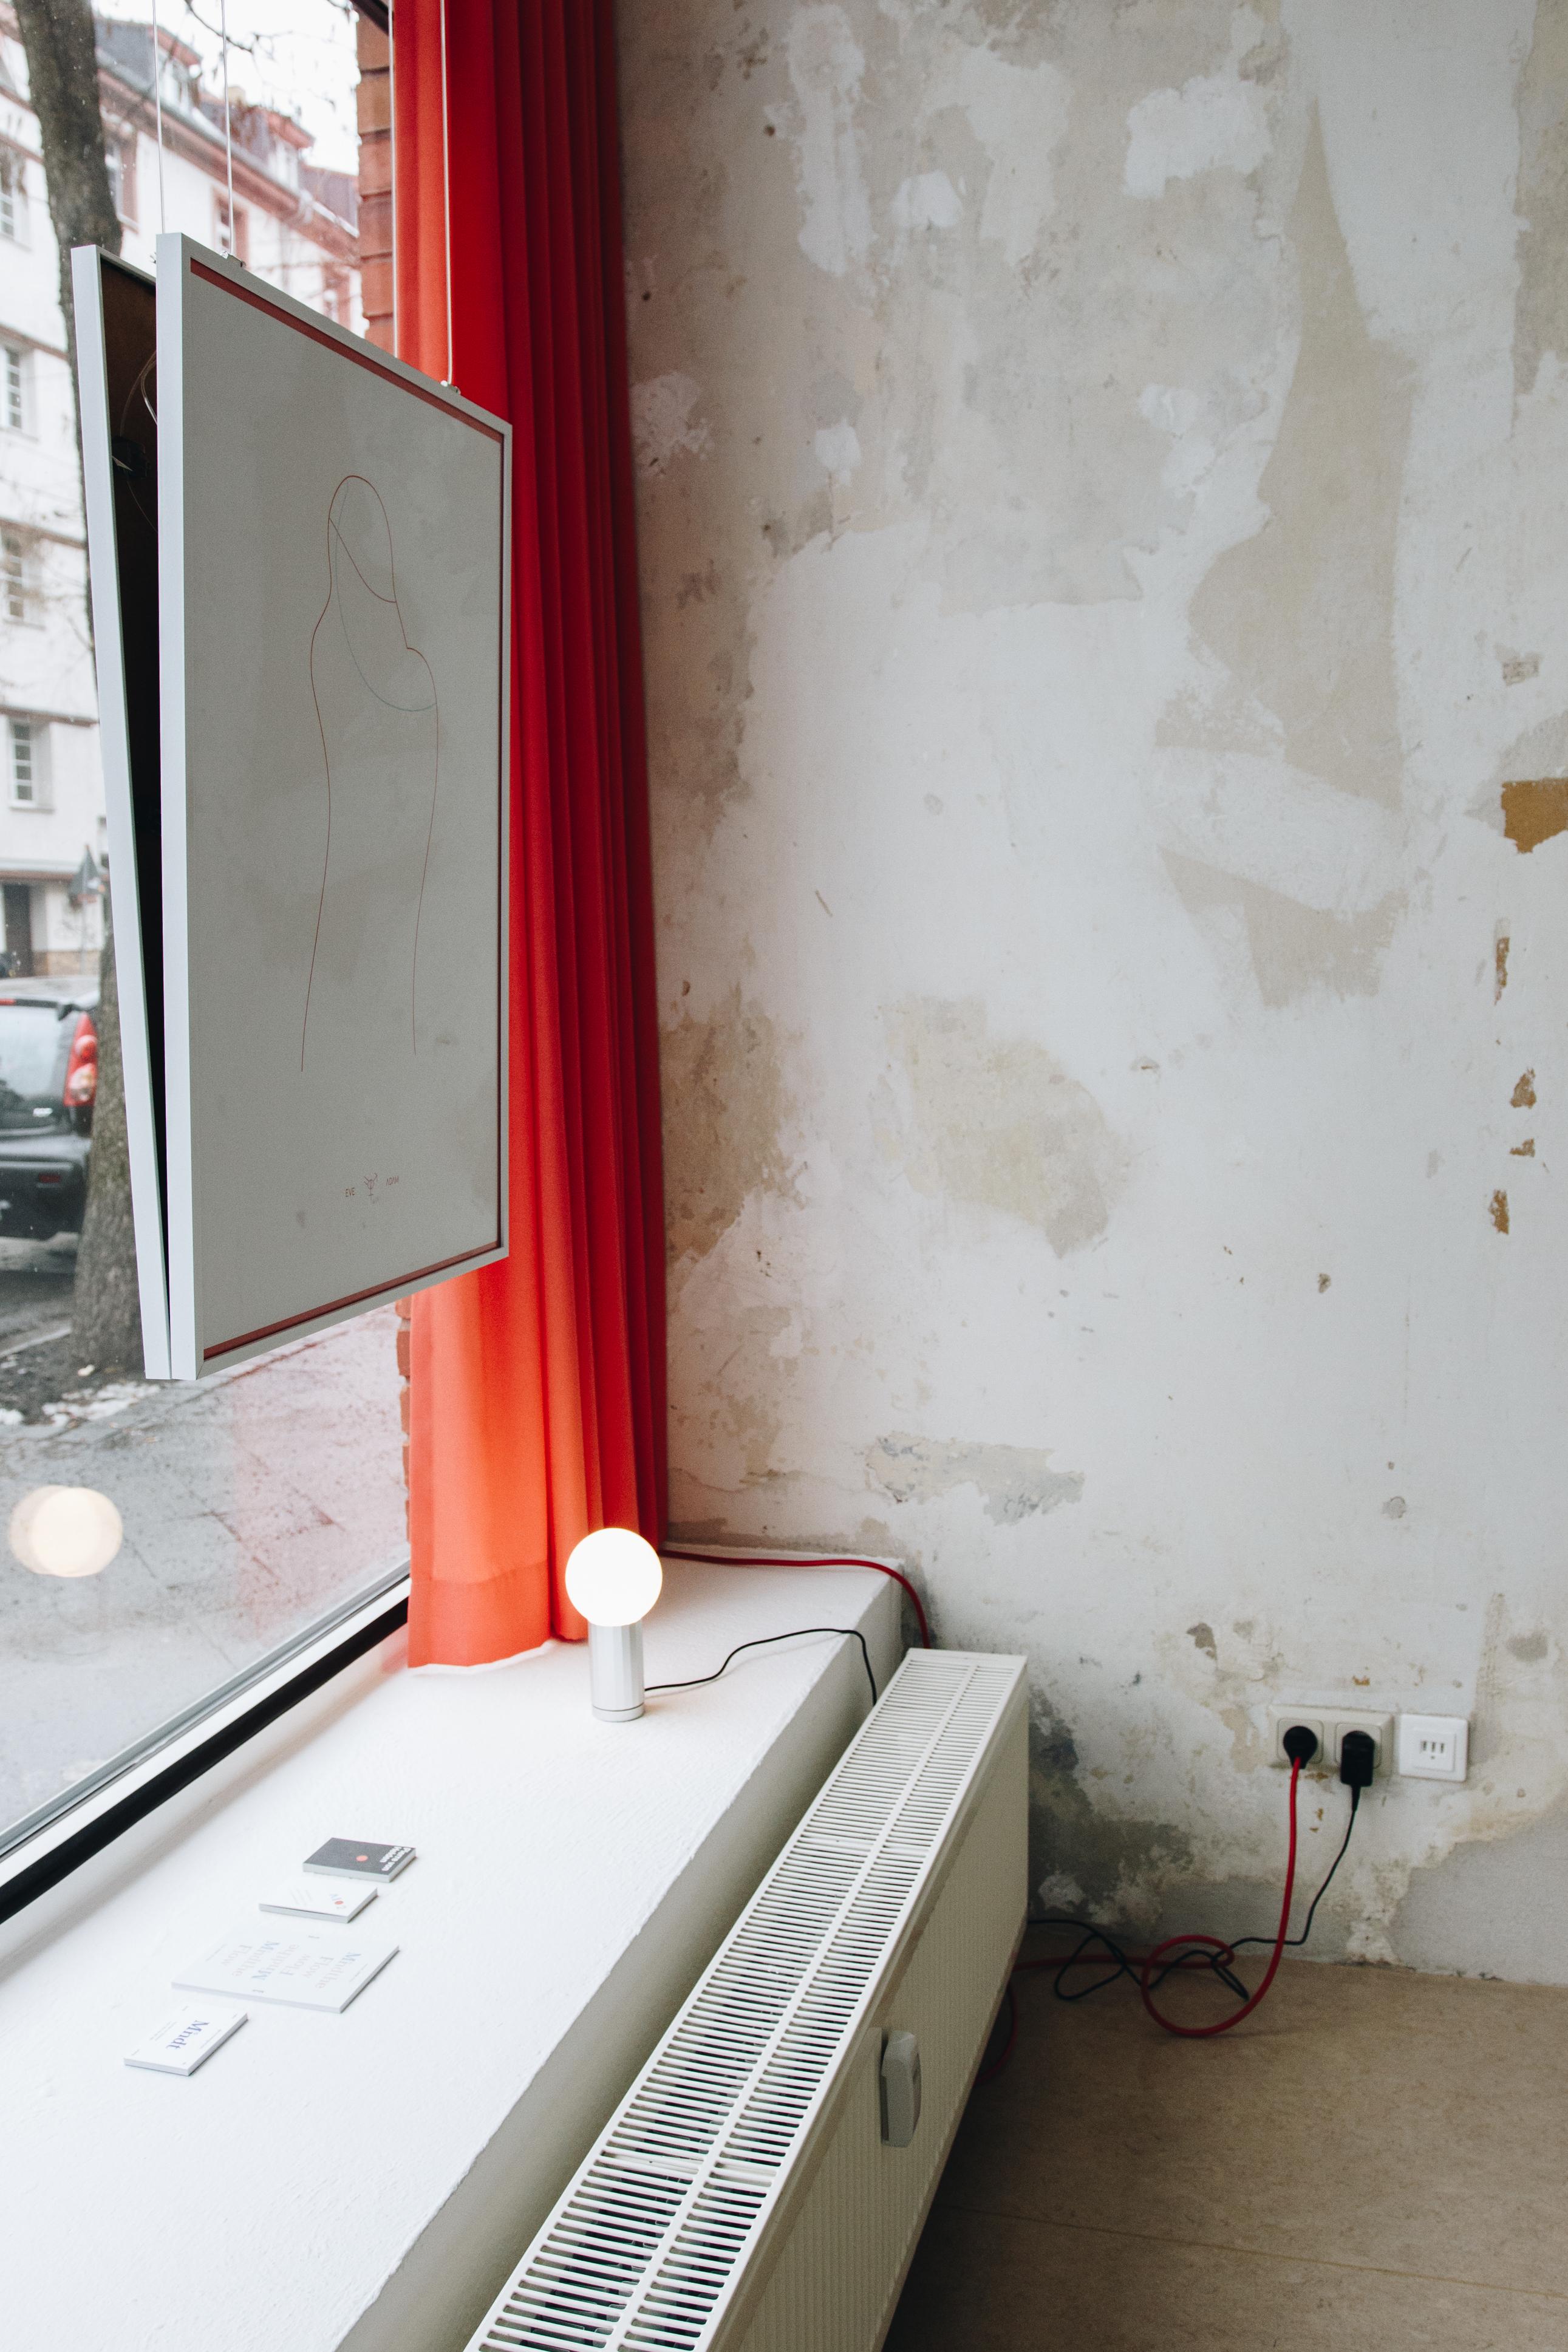 apartment102-annabelle sagt-mindt design studio-yoga-pierre von helden-leipzig11